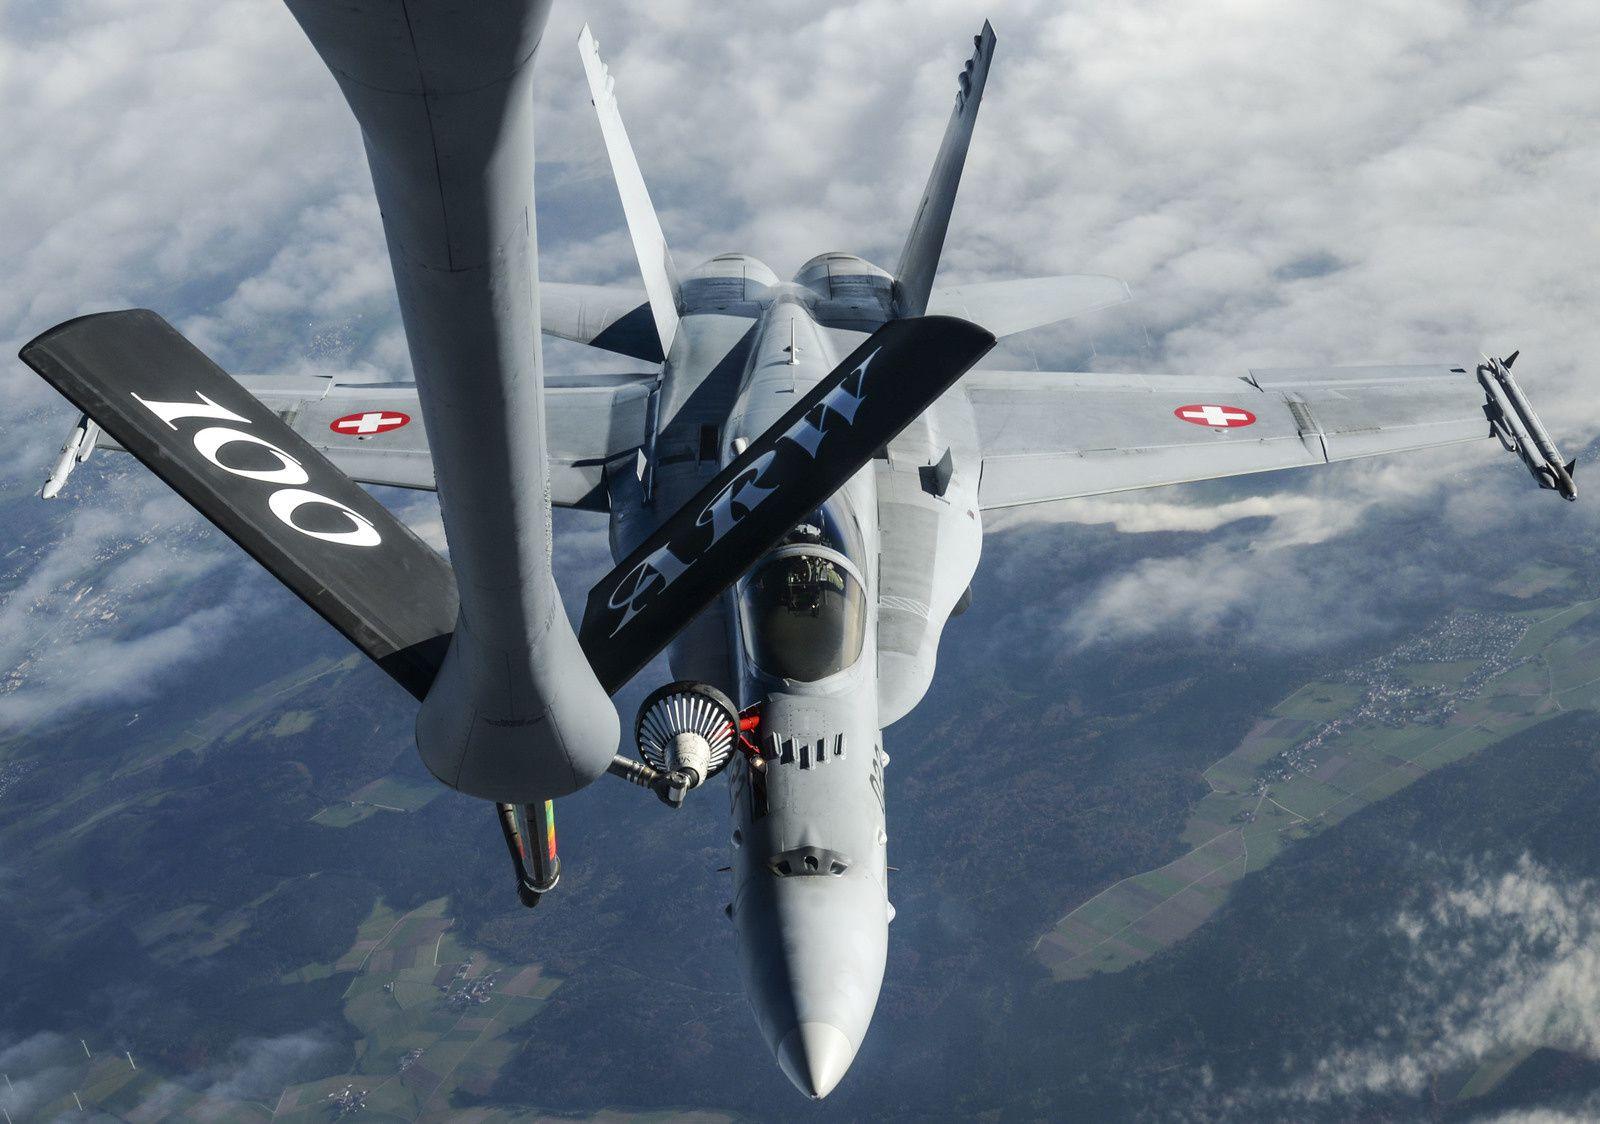 La Suisse transmet son appel d'offres aux avionneurs pour l'achat d'un nouvel avion de combat